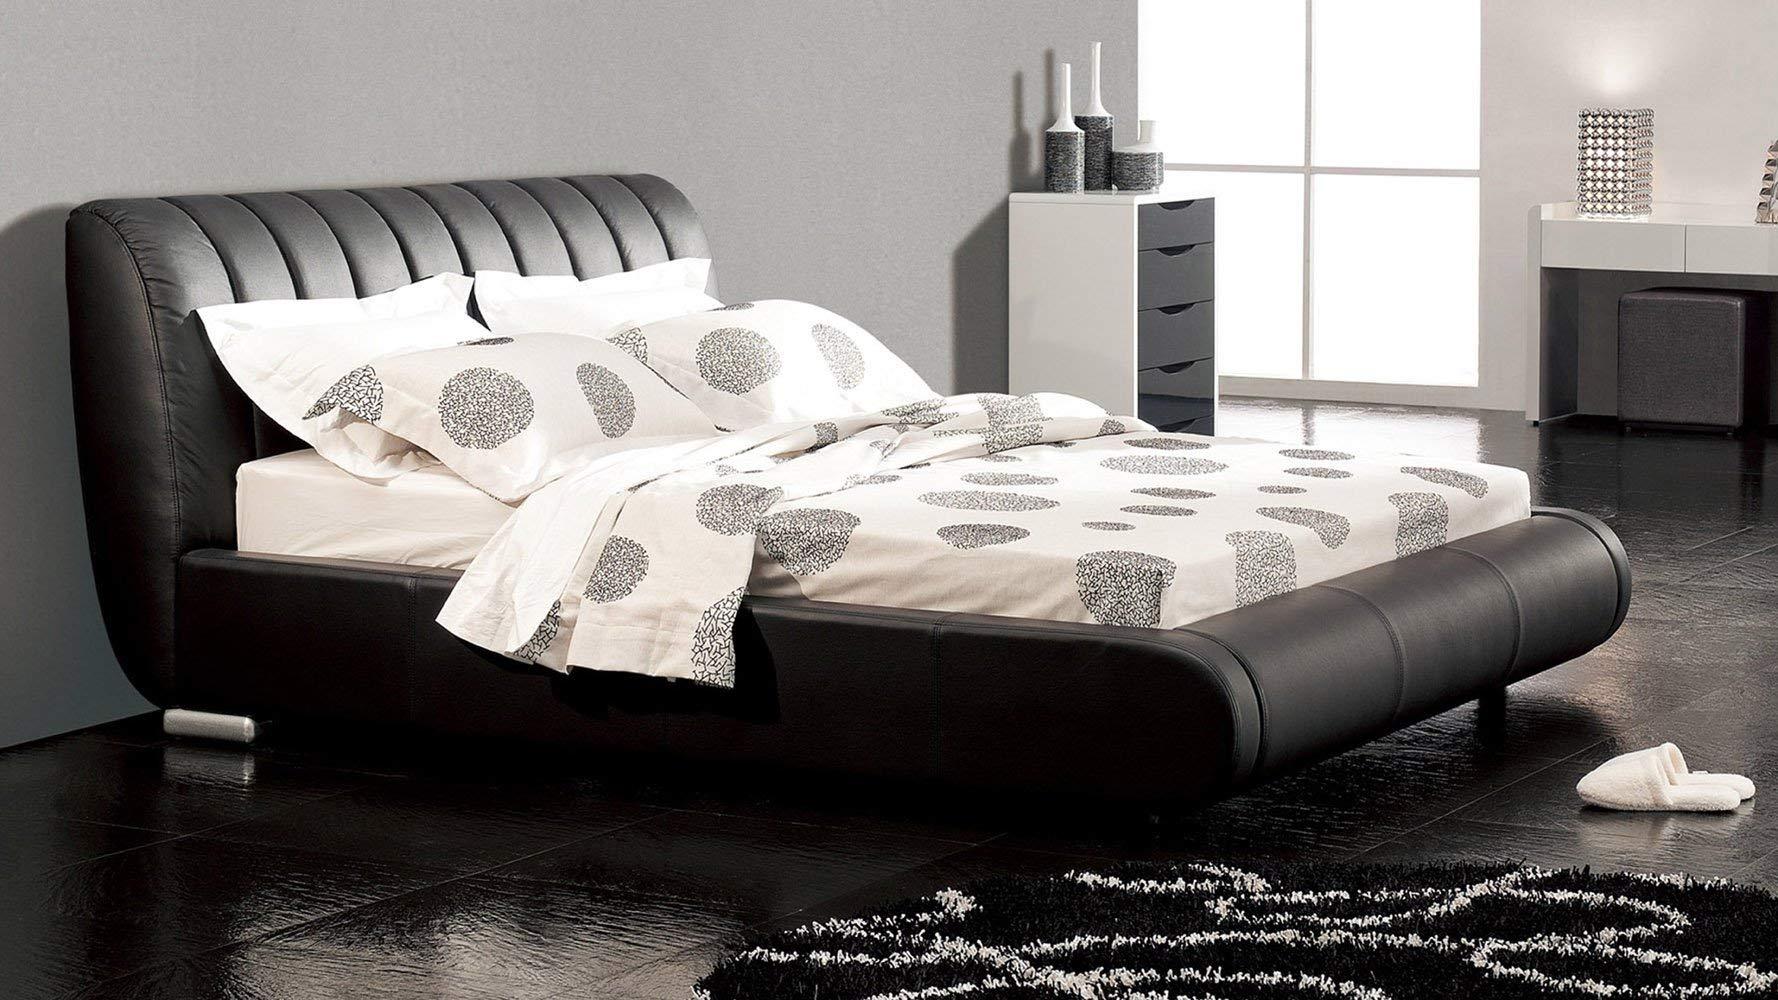 Zuri Furniture Dior Leather Contemporary Platform Queen Bed- Black by Zuri Furniture